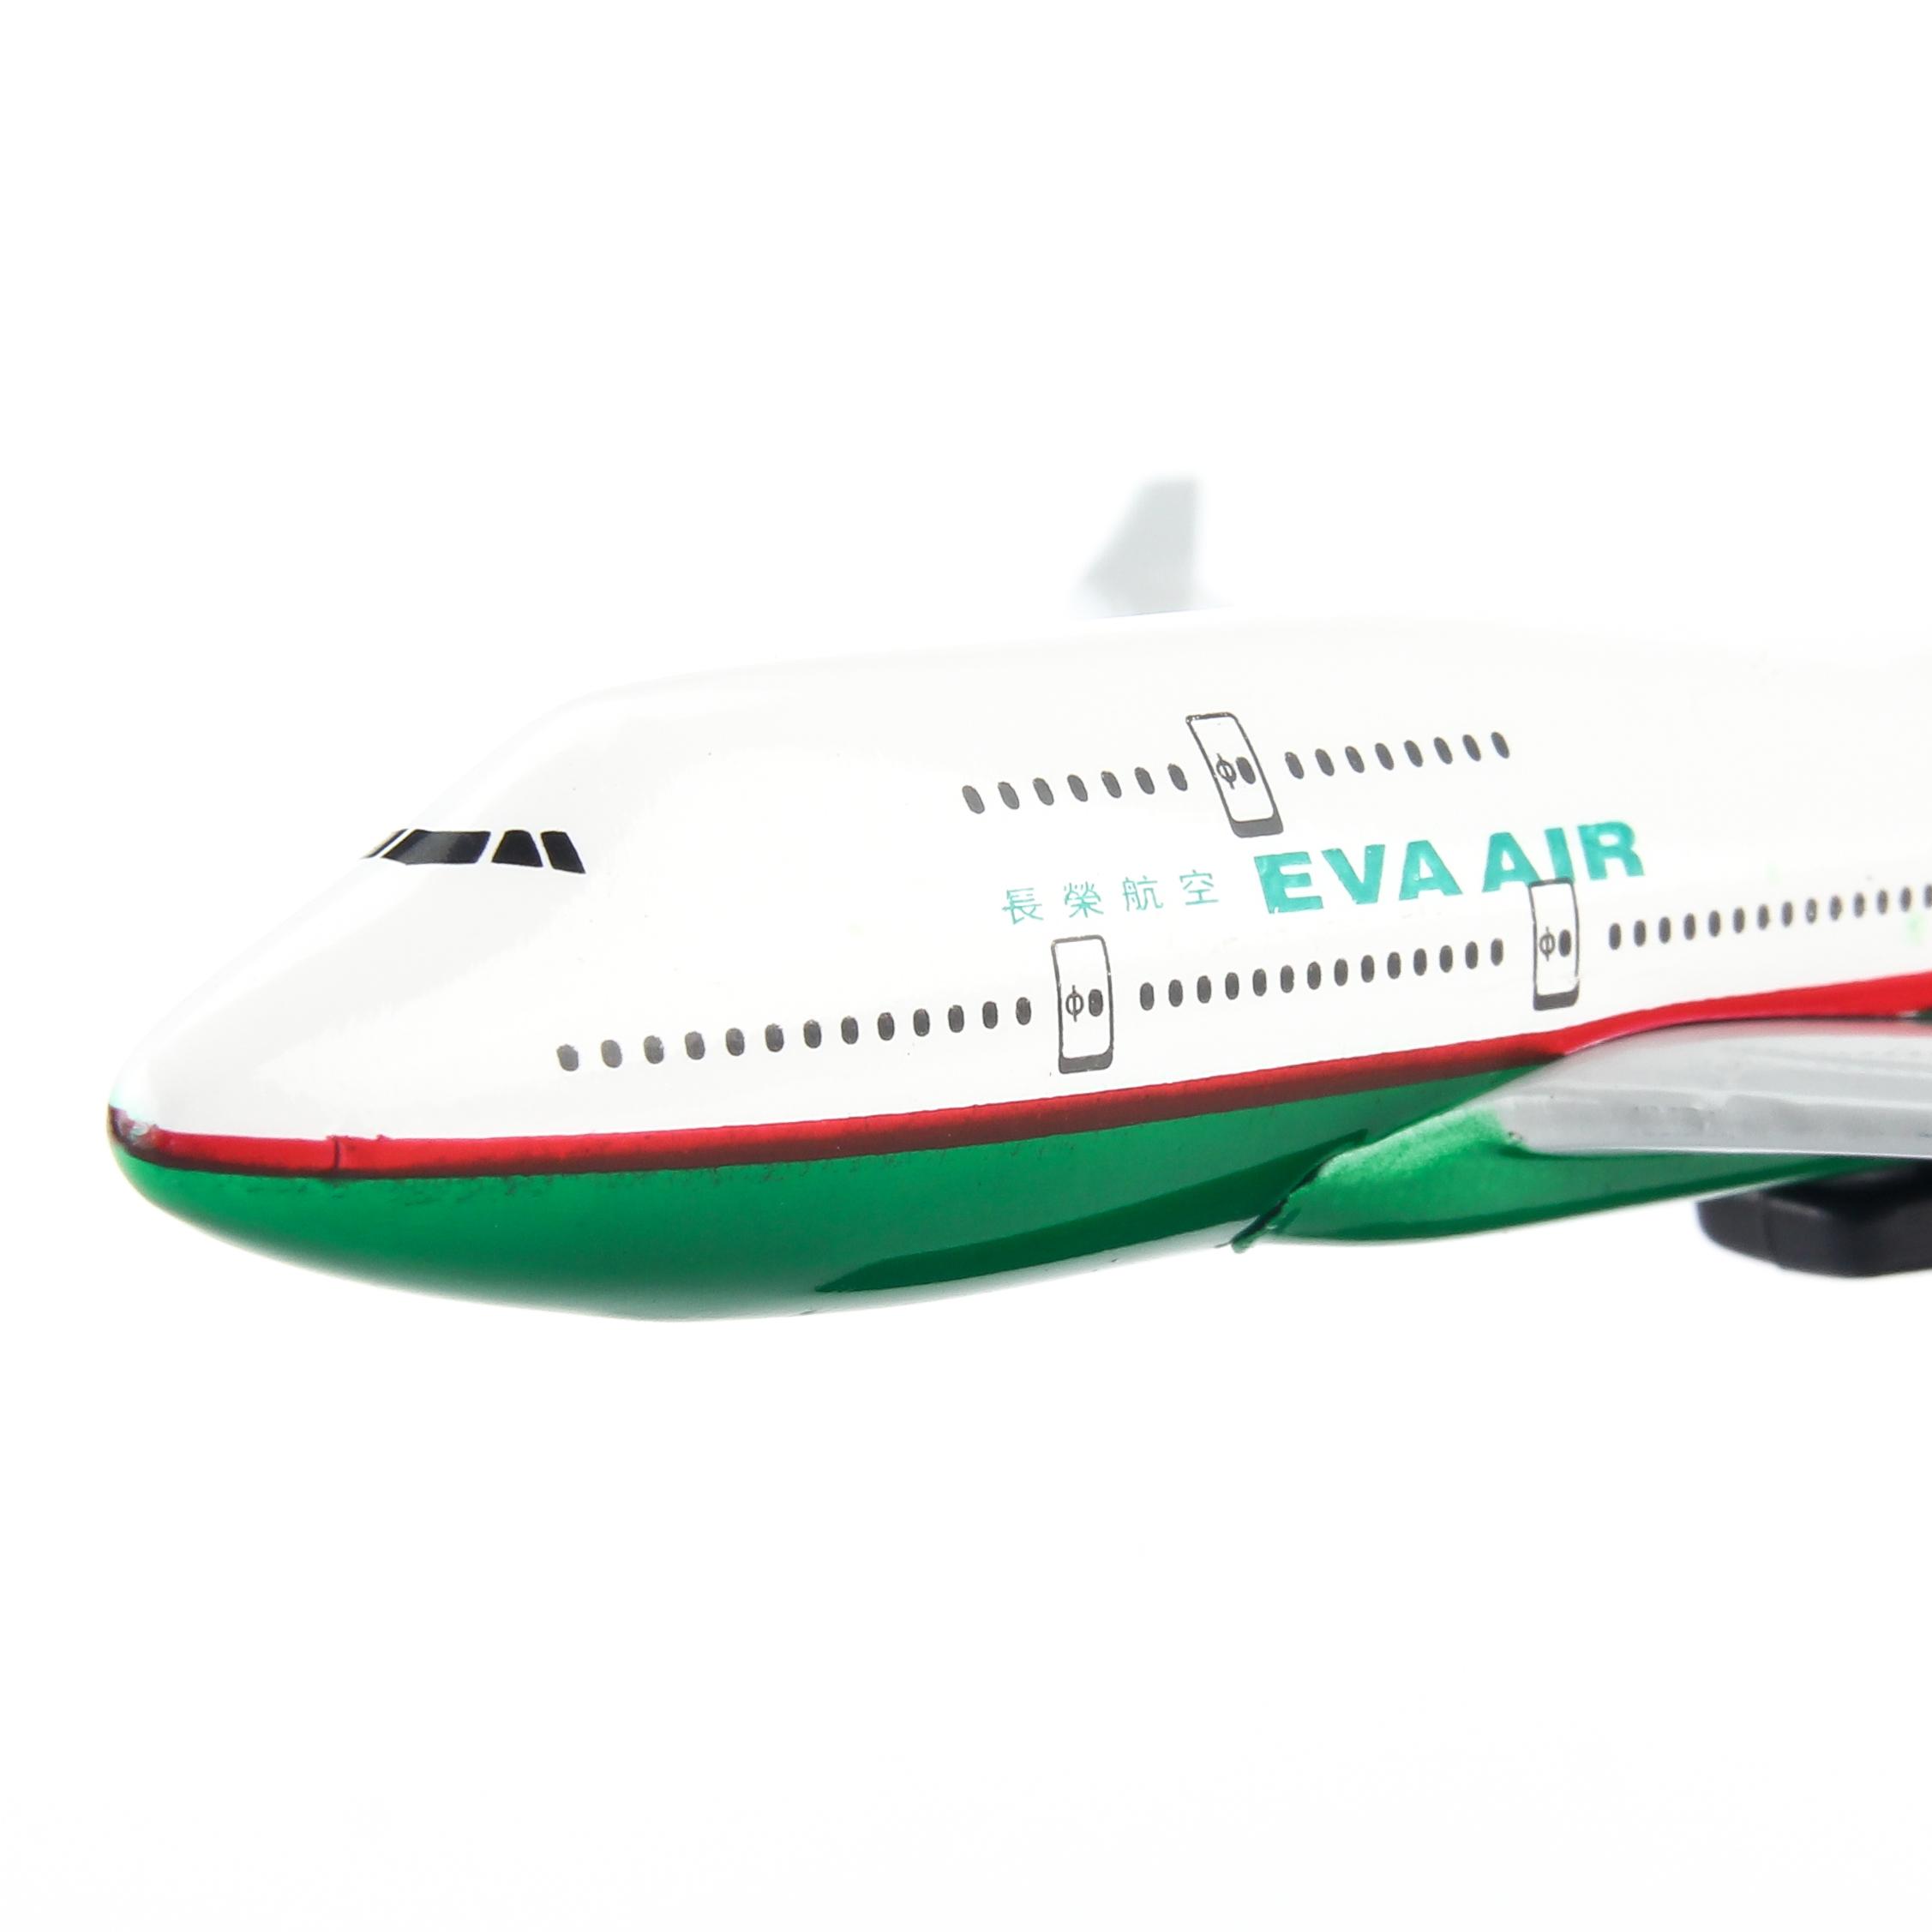 Mô hình máy bay Eva Air (16cm) - Trắng, Xanh lá cây